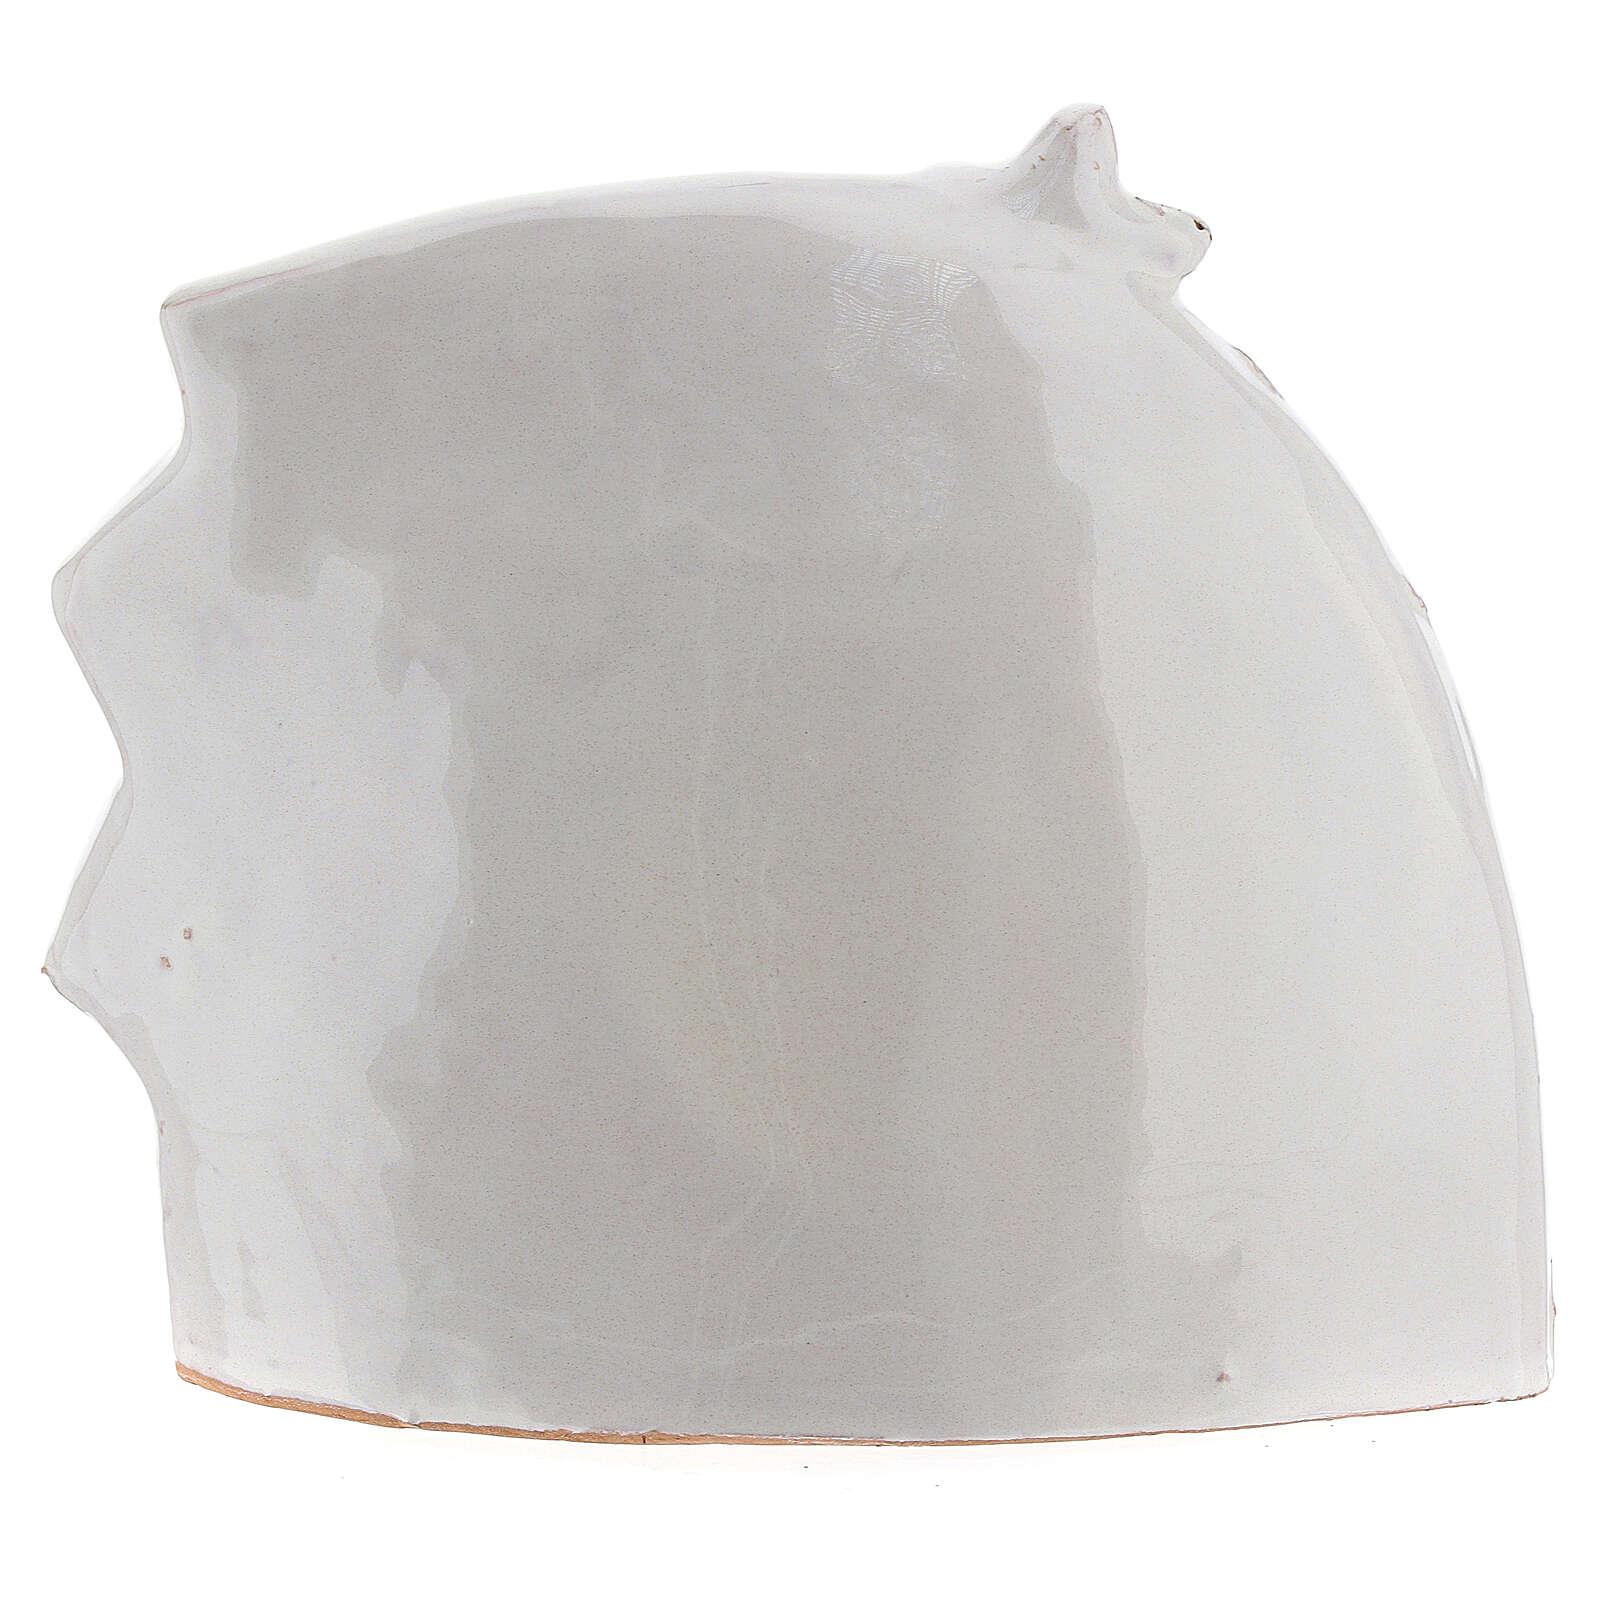 Cabane Nativité style moderne terre cuite blanche Deruta 14x16 cm 4